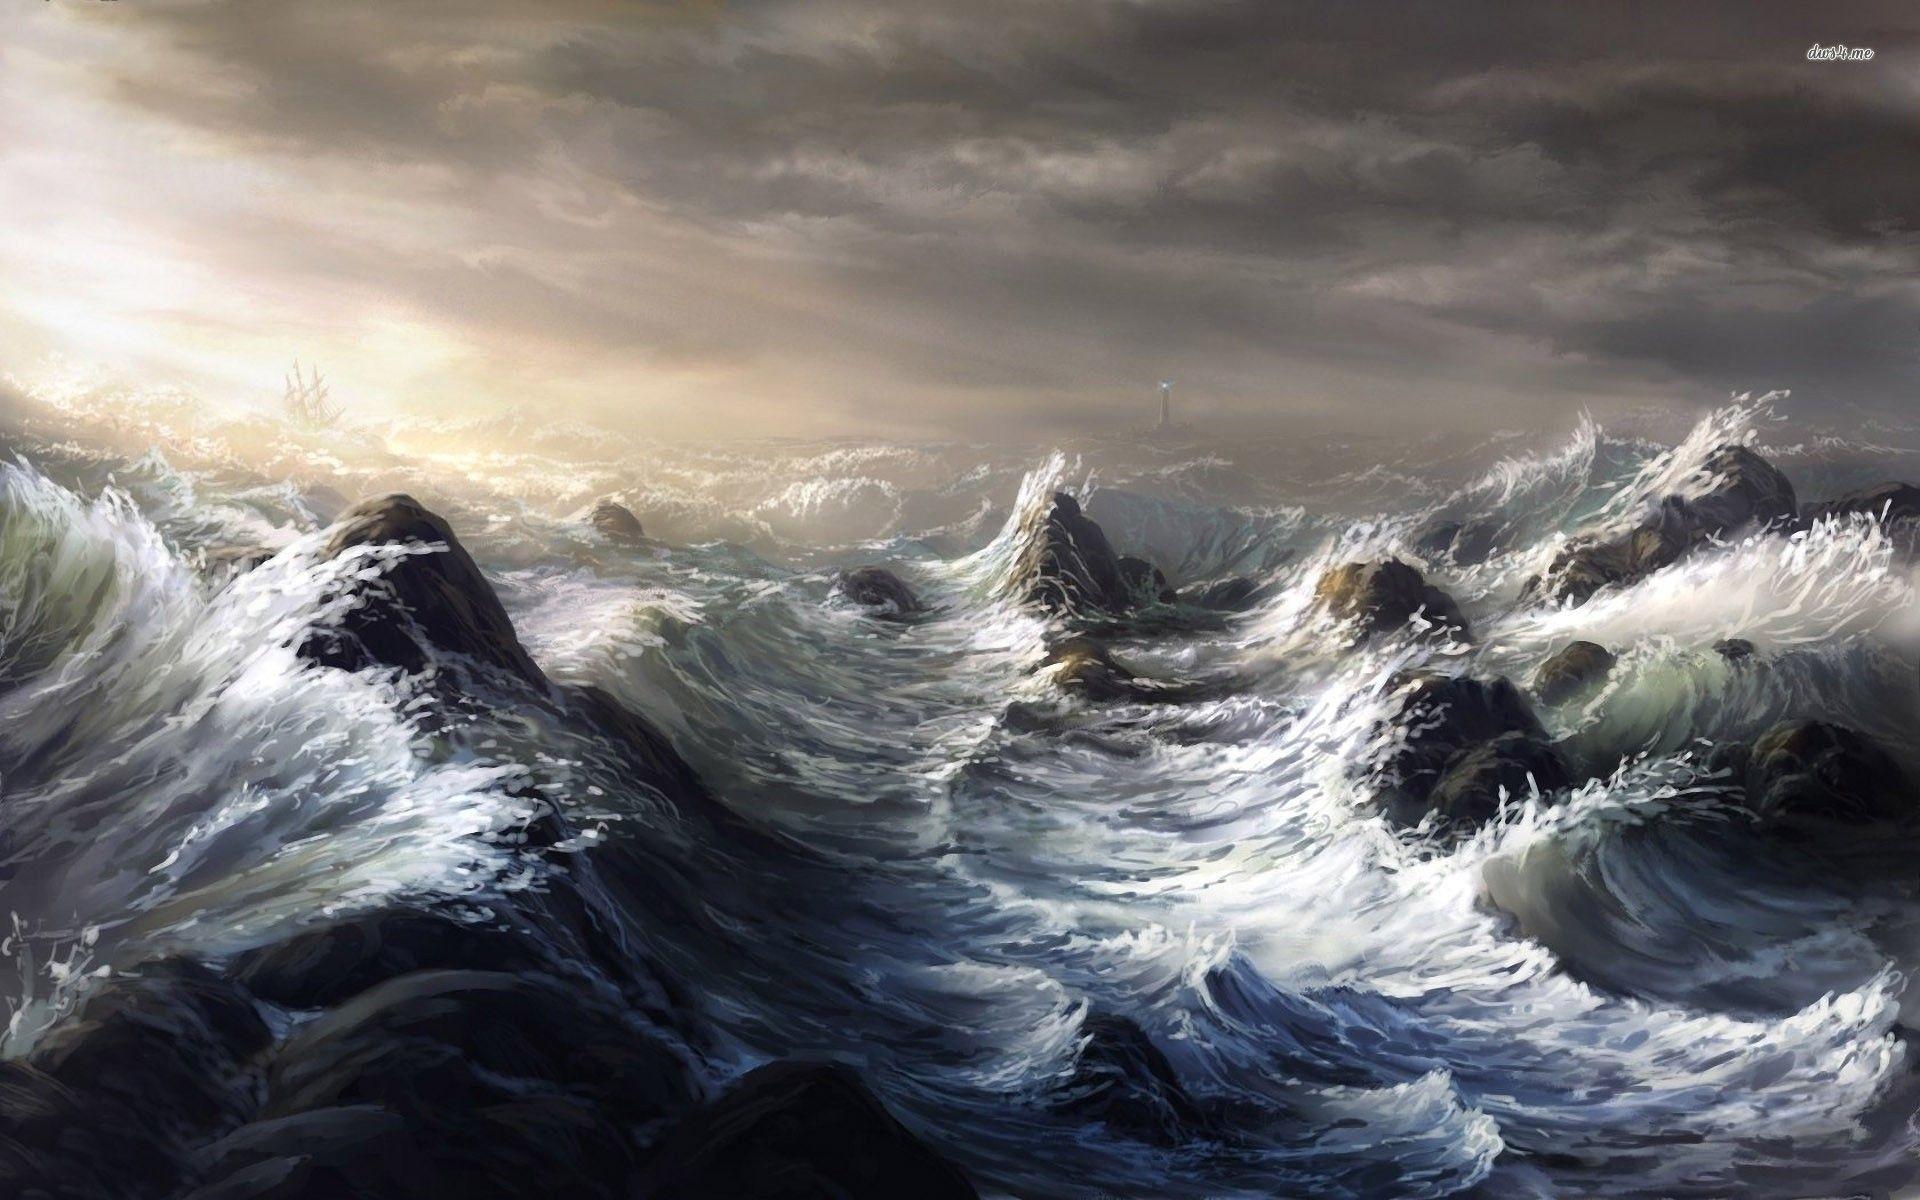 Res: 1920x1200, Ocean Storm Wallpaper 1080p